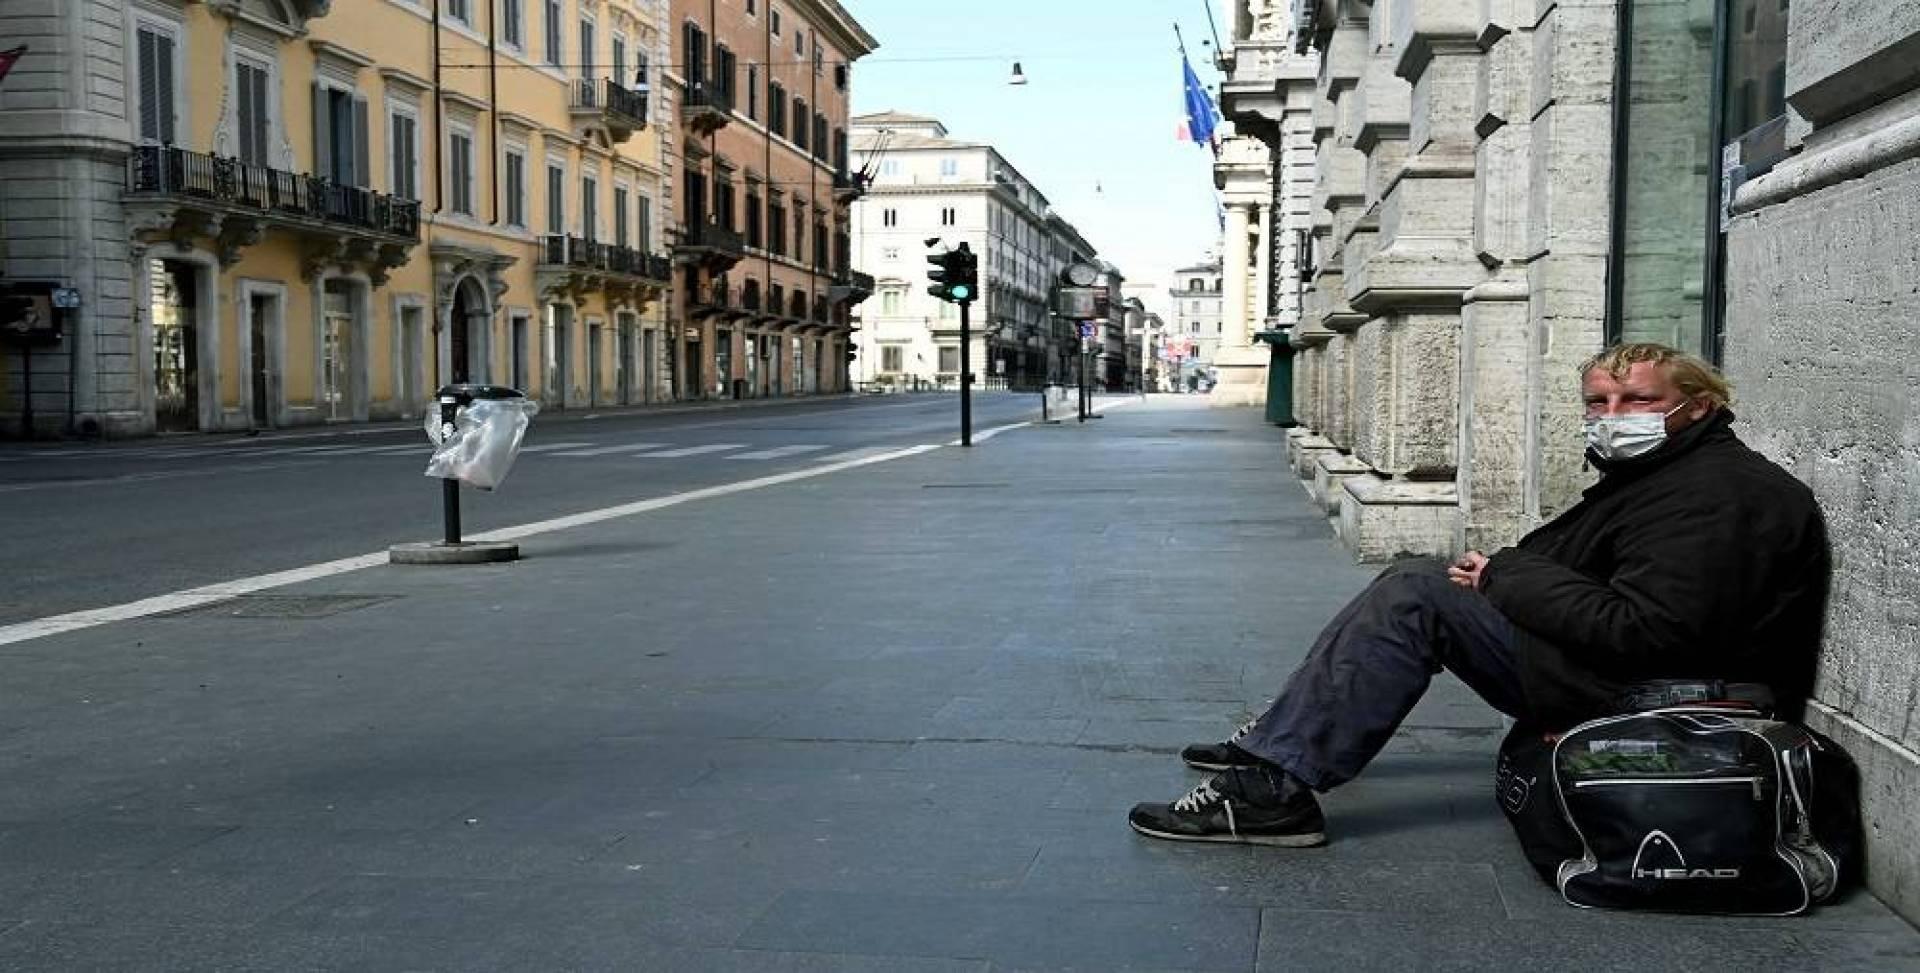 «لا خروج إلا لفرد واحد».. إيطاليا تفرض الحظر الشامل